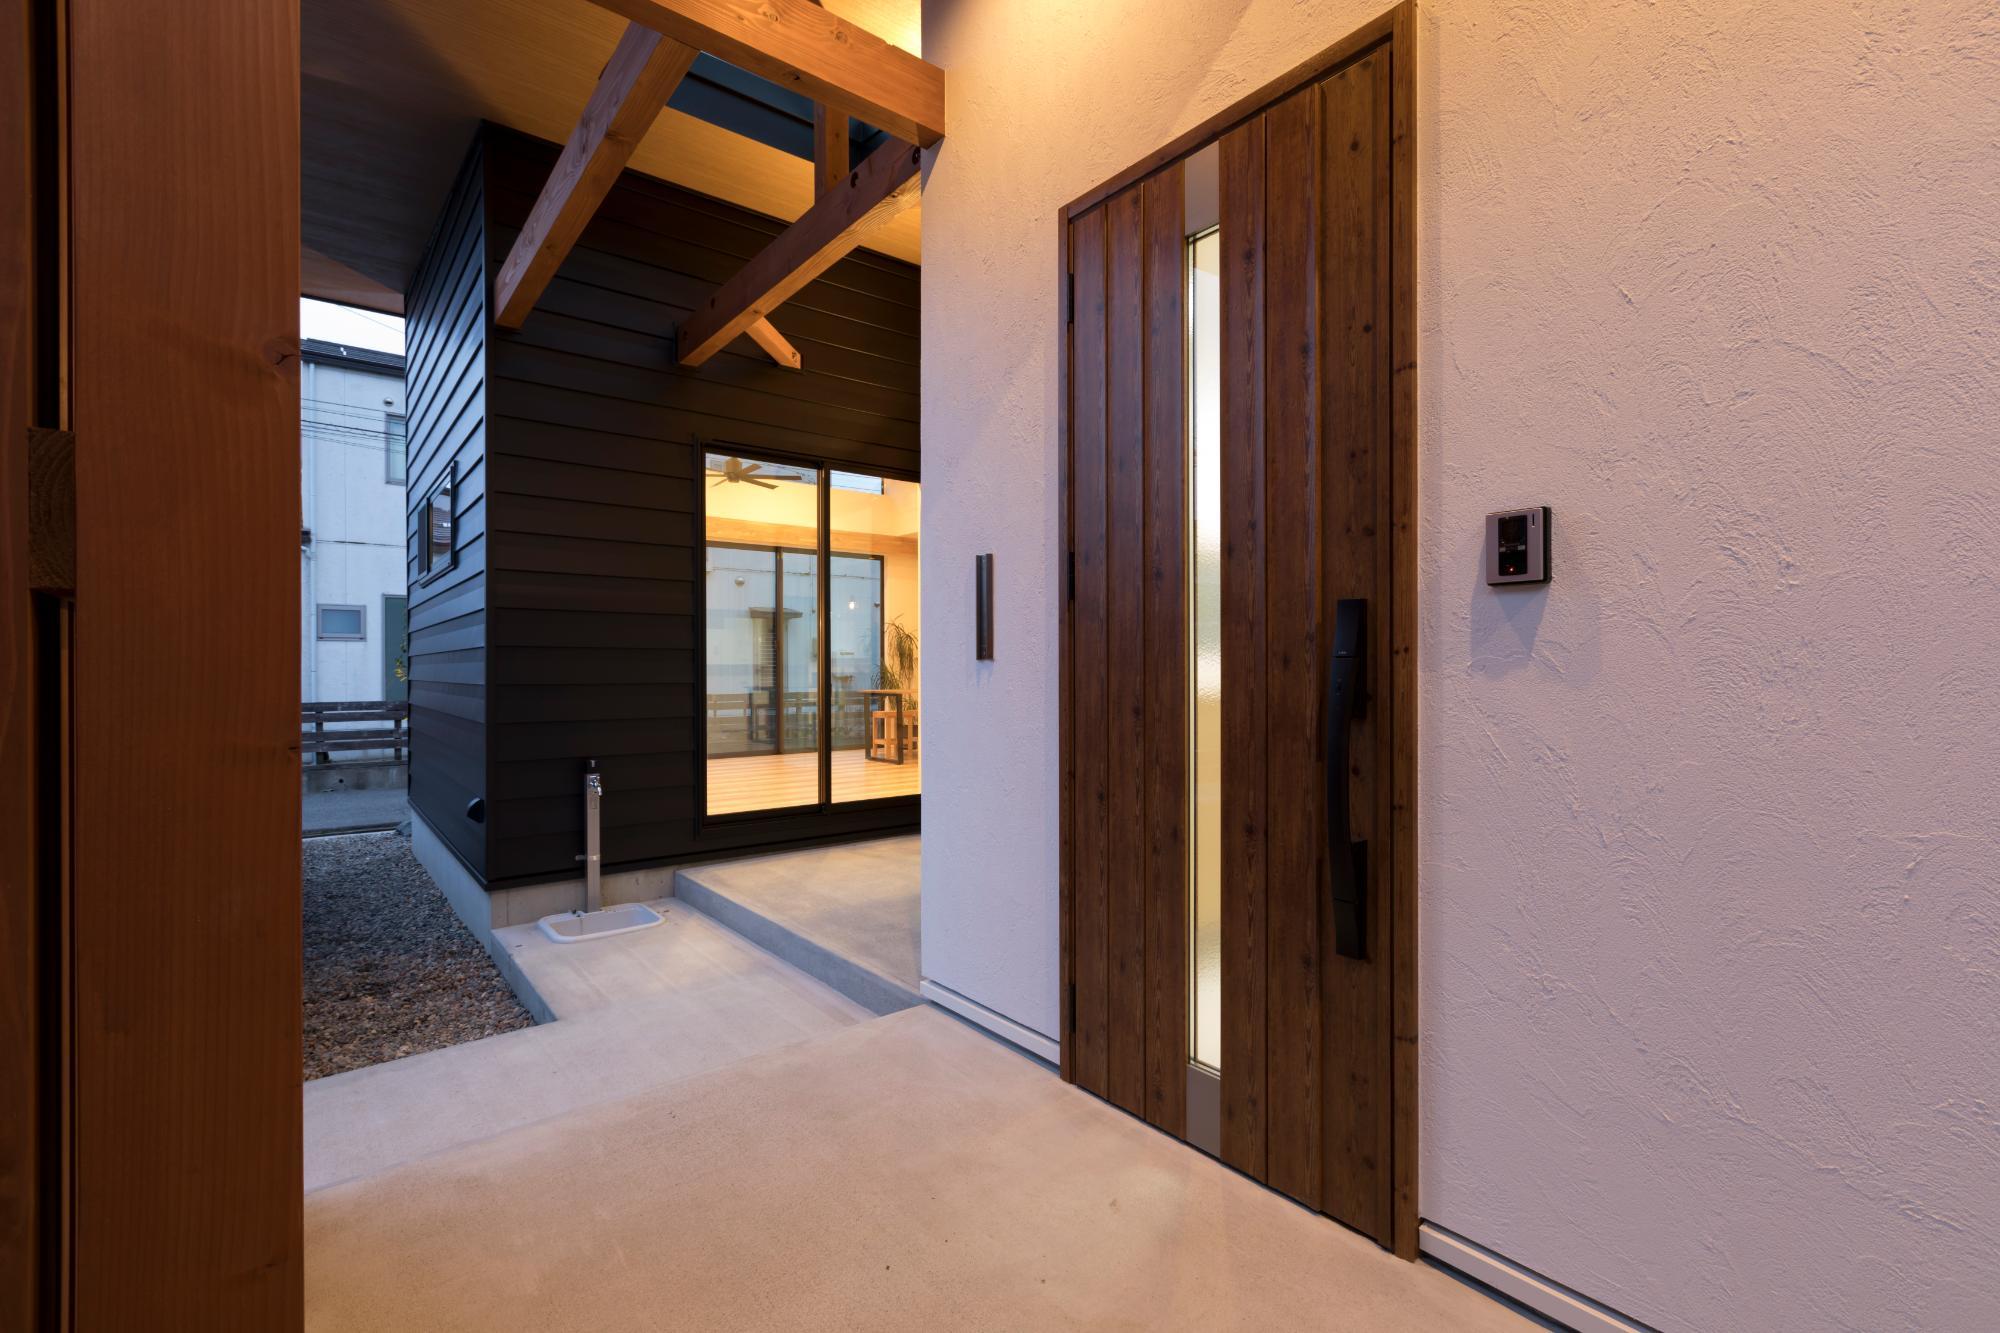 株式会社mokusia「愛犬とゆっくり暮らす平屋の家」の実例写真